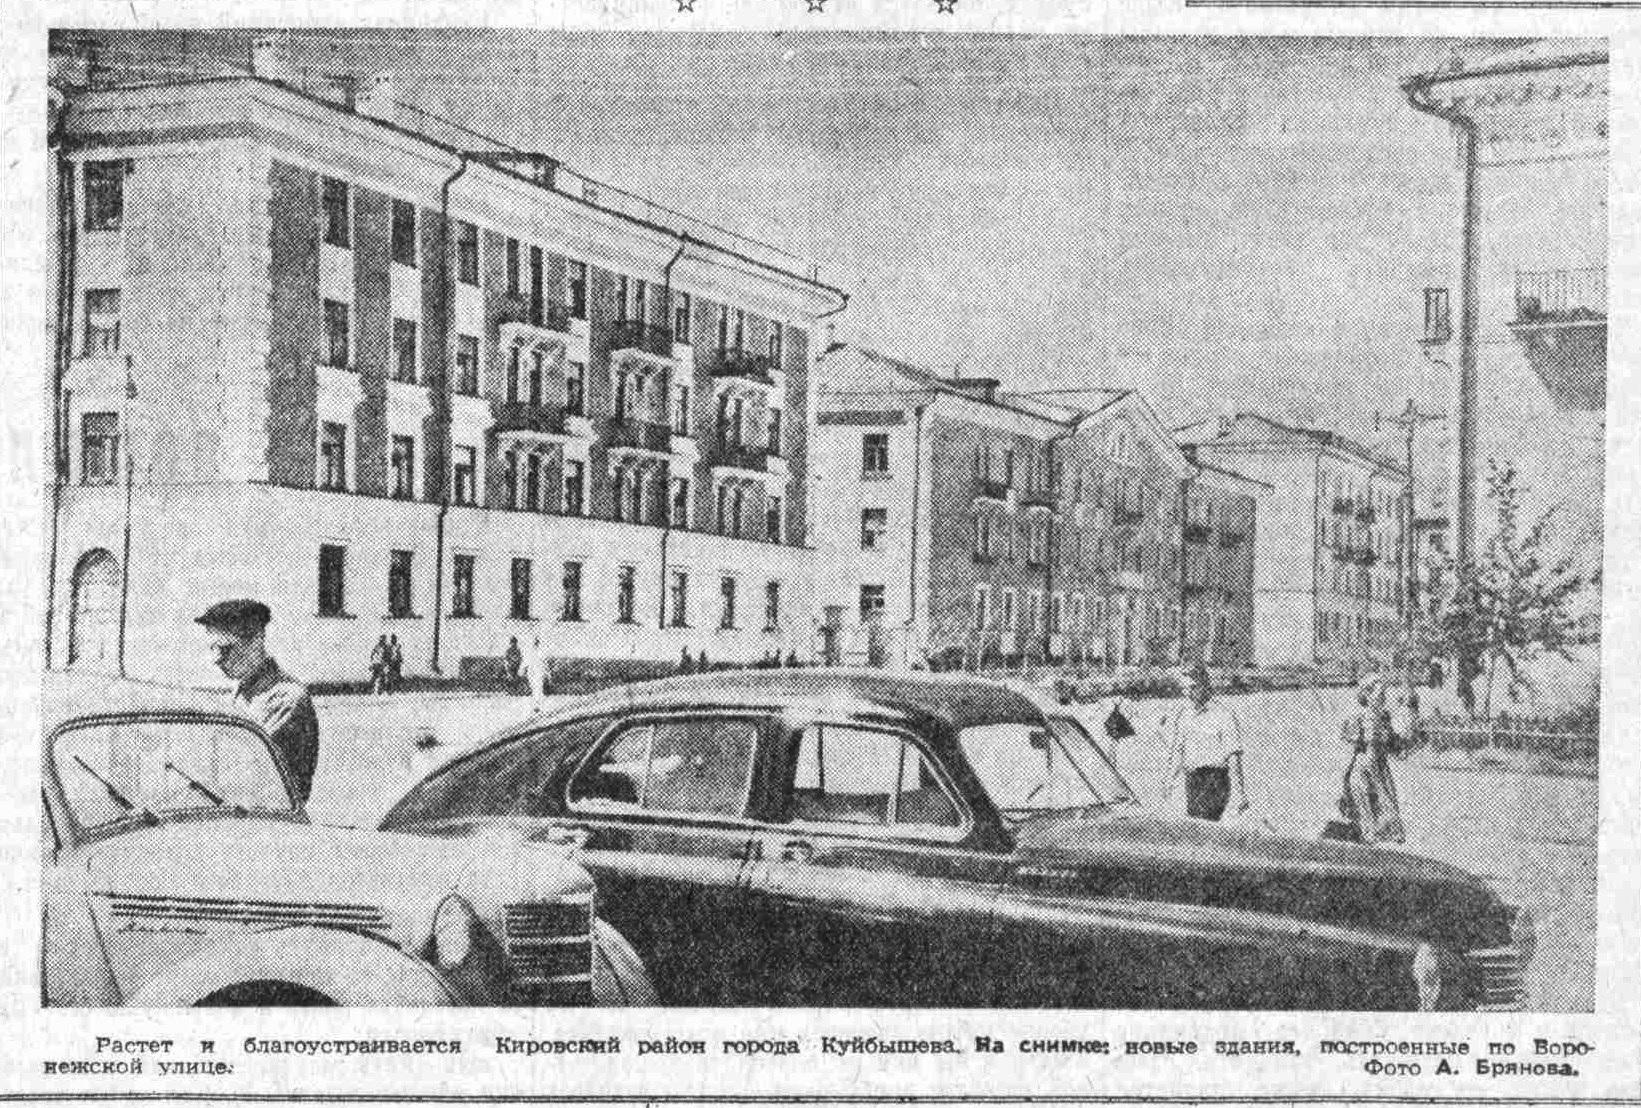 Краснодонская-ФОТО-14-ВКа-1953-09-02-фото новых домов на Краснодонской